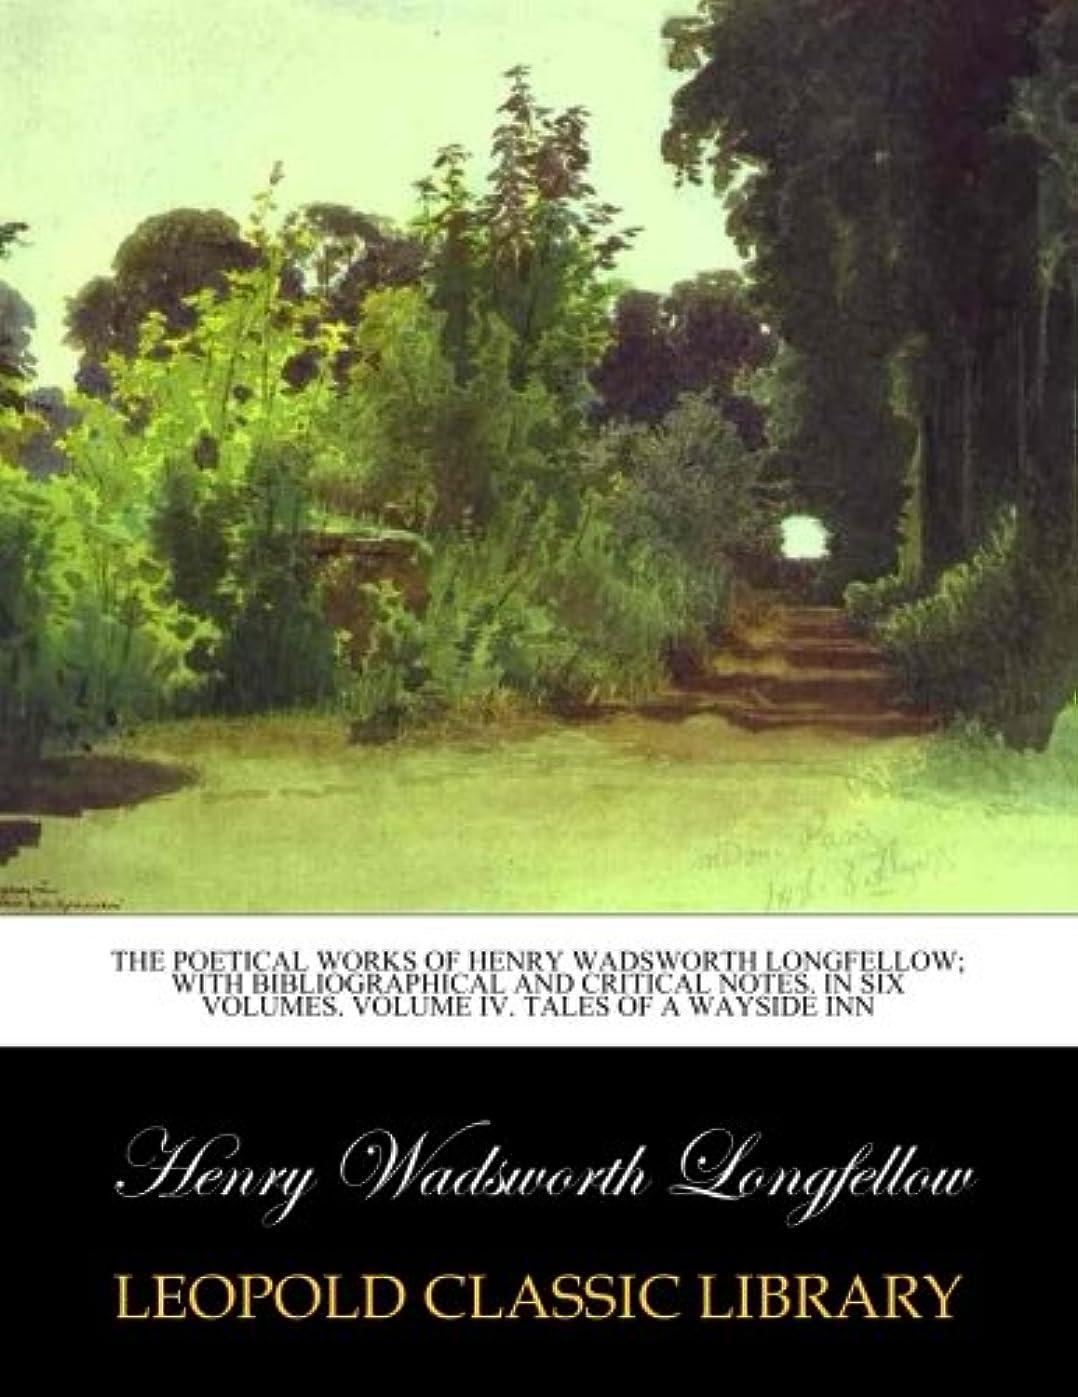 ミルサーキットに行く競争The poetical works of Henry Wadsworth Longfellow; with bibliographical and critical notes. In Six Volumes. Volume IV. Tales of a wayside inn